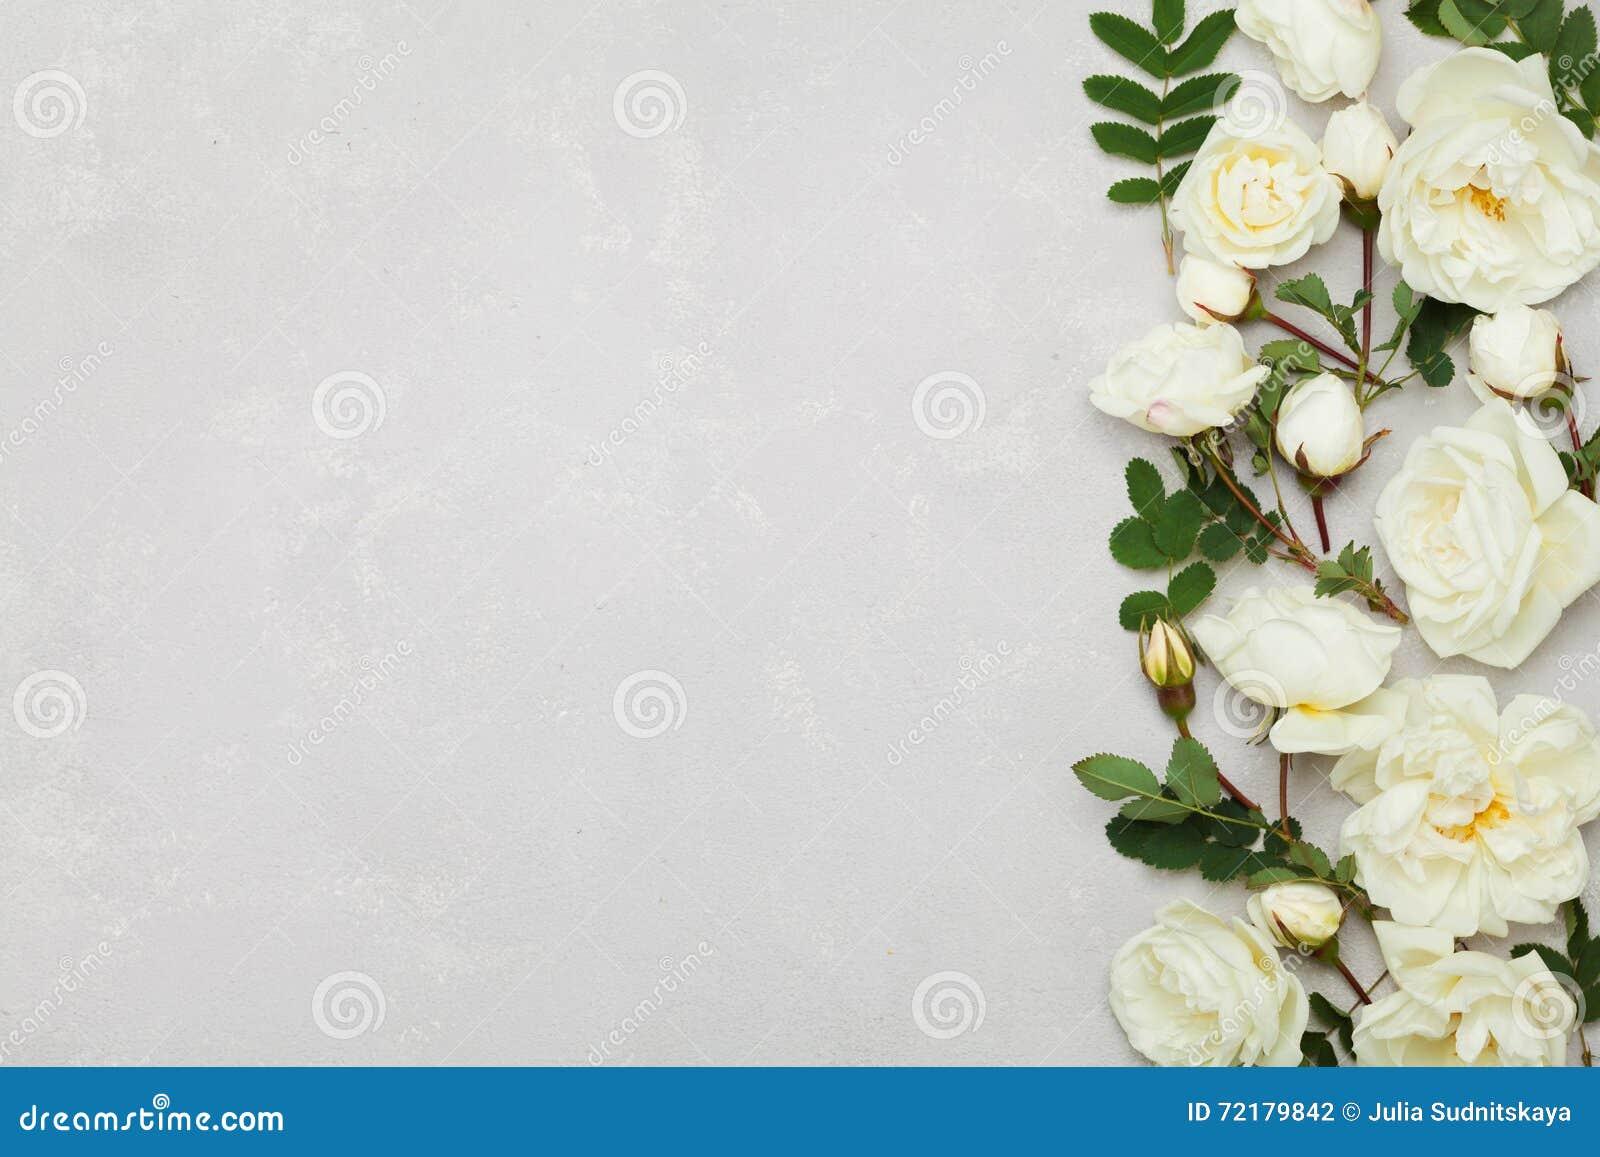 De grens van witte roze bloemen en groene bladeren op lichtgrijze achtergrond van hierboven, mooi bloemen vlak patroon, legt